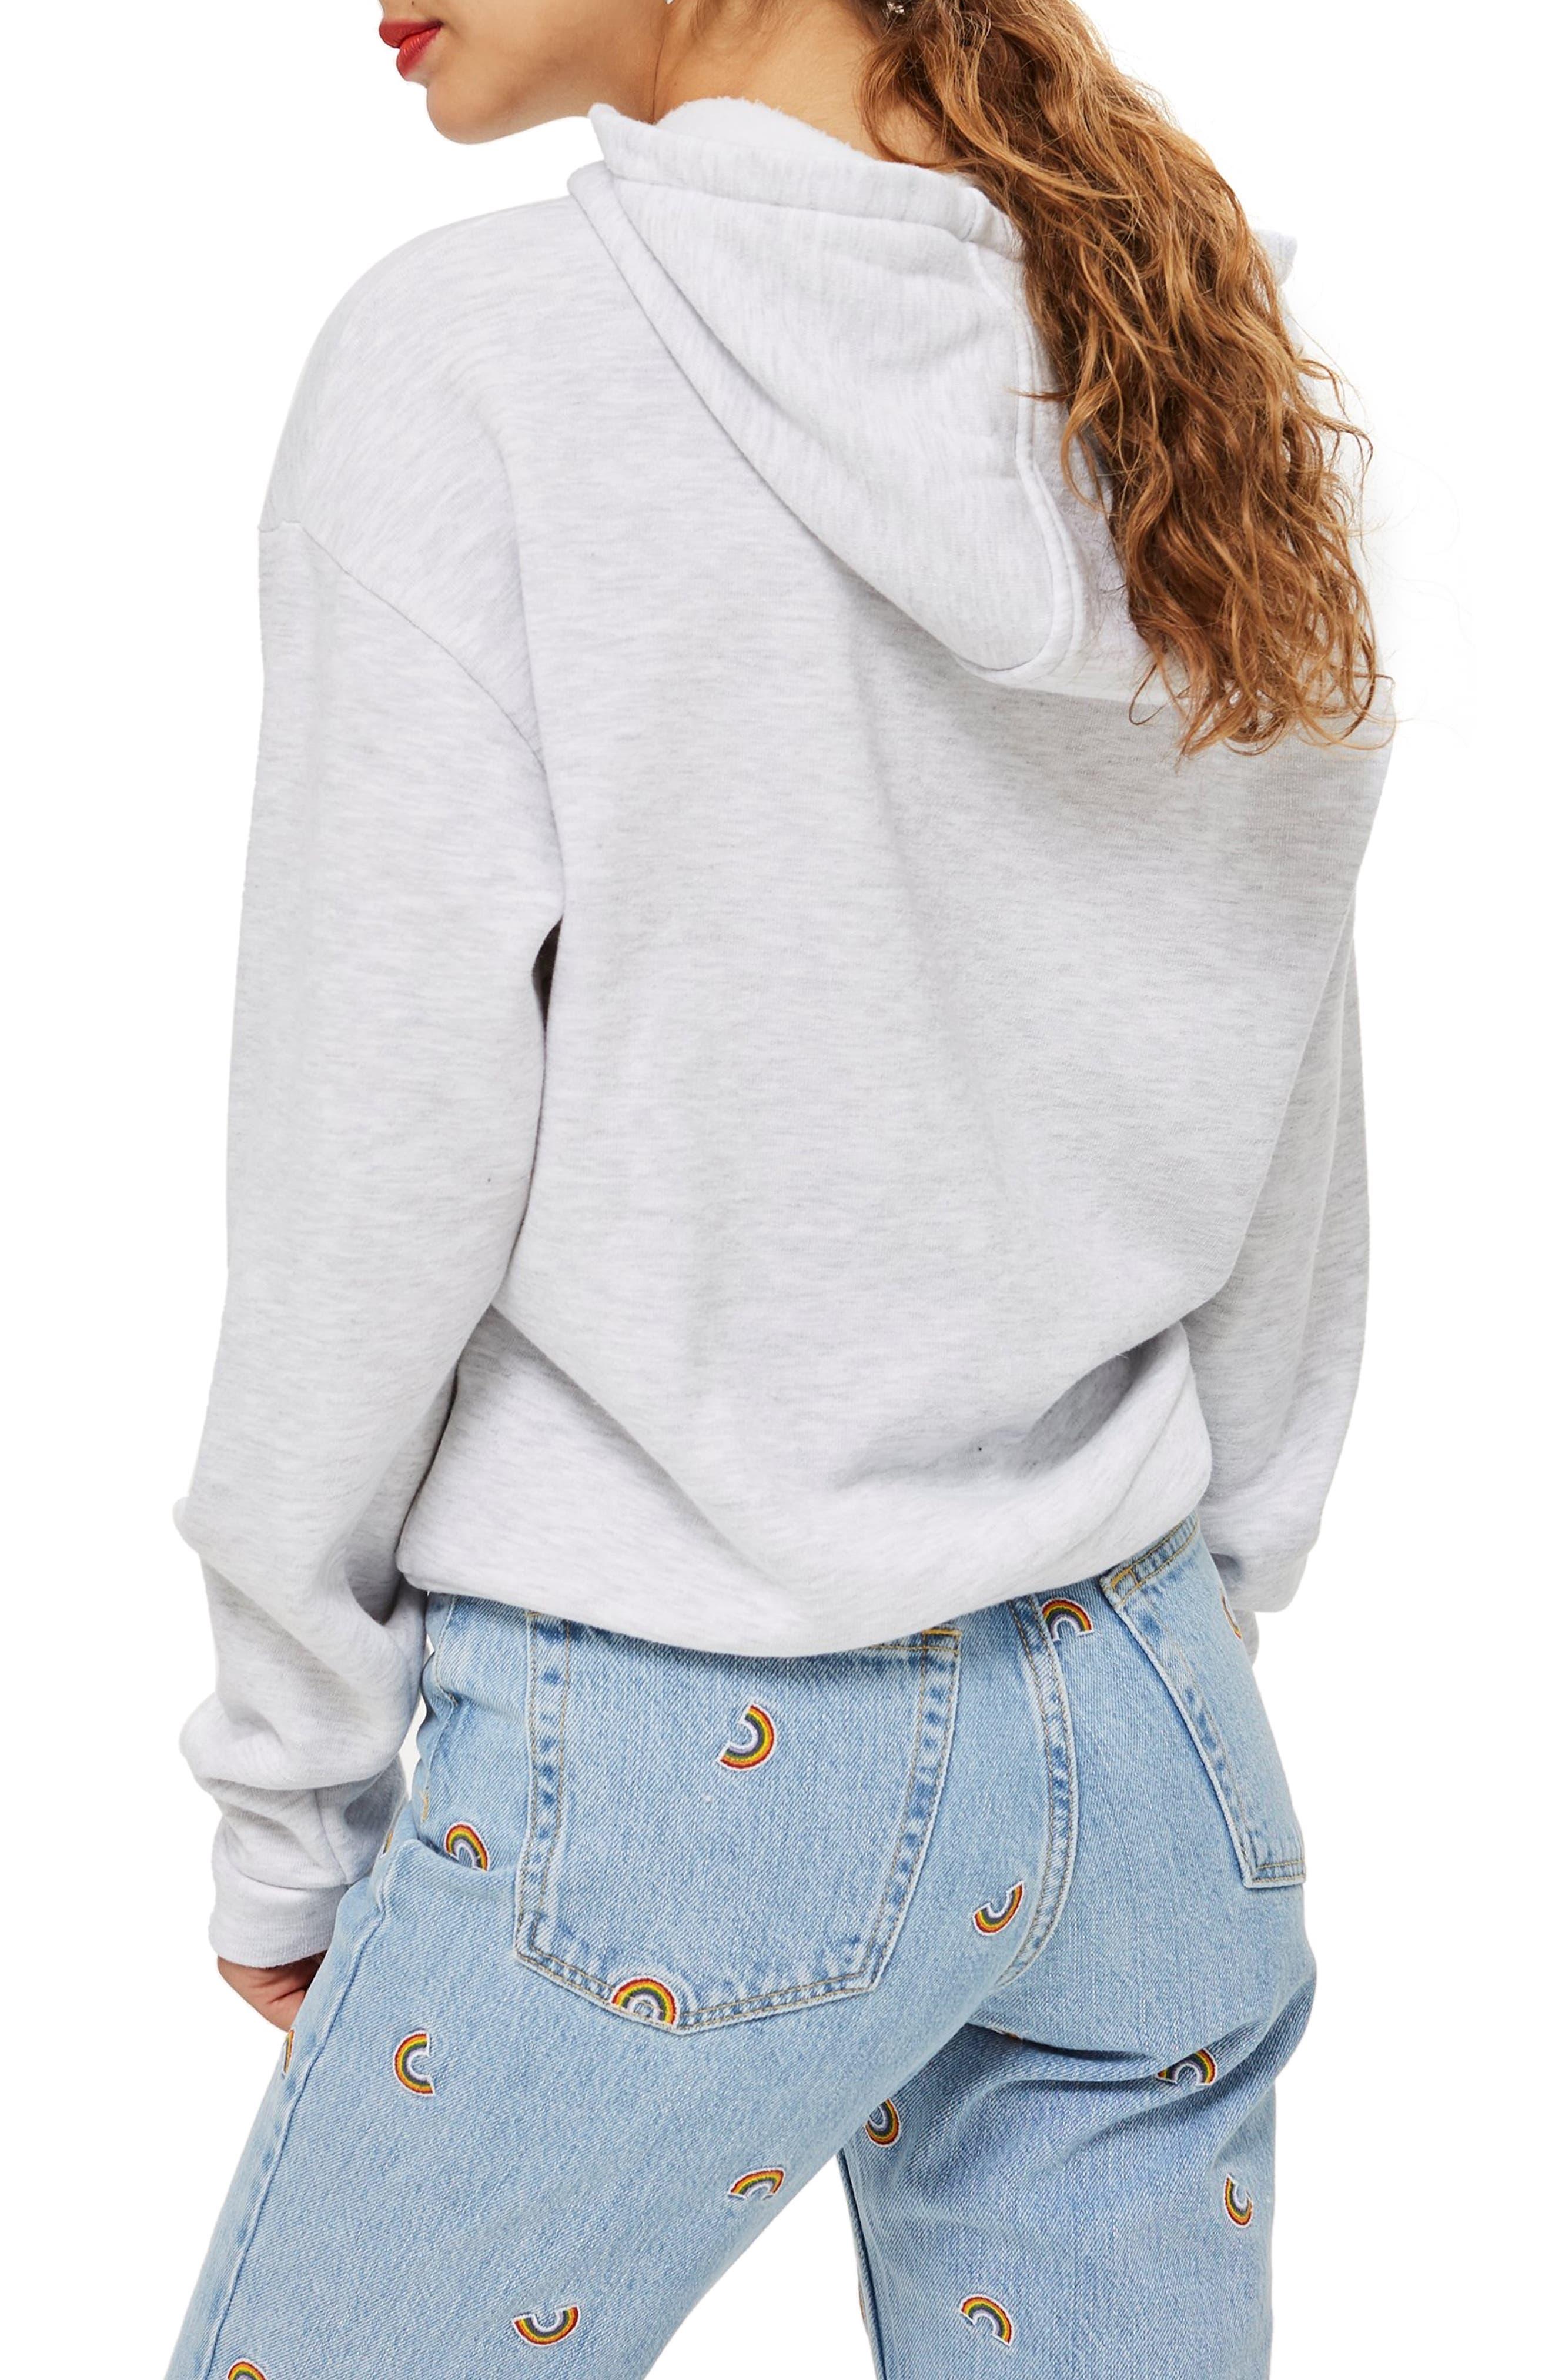 Heart Hoodie Sweatshirt,                             Alternate thumbnail 2, color,                             GREY MARL